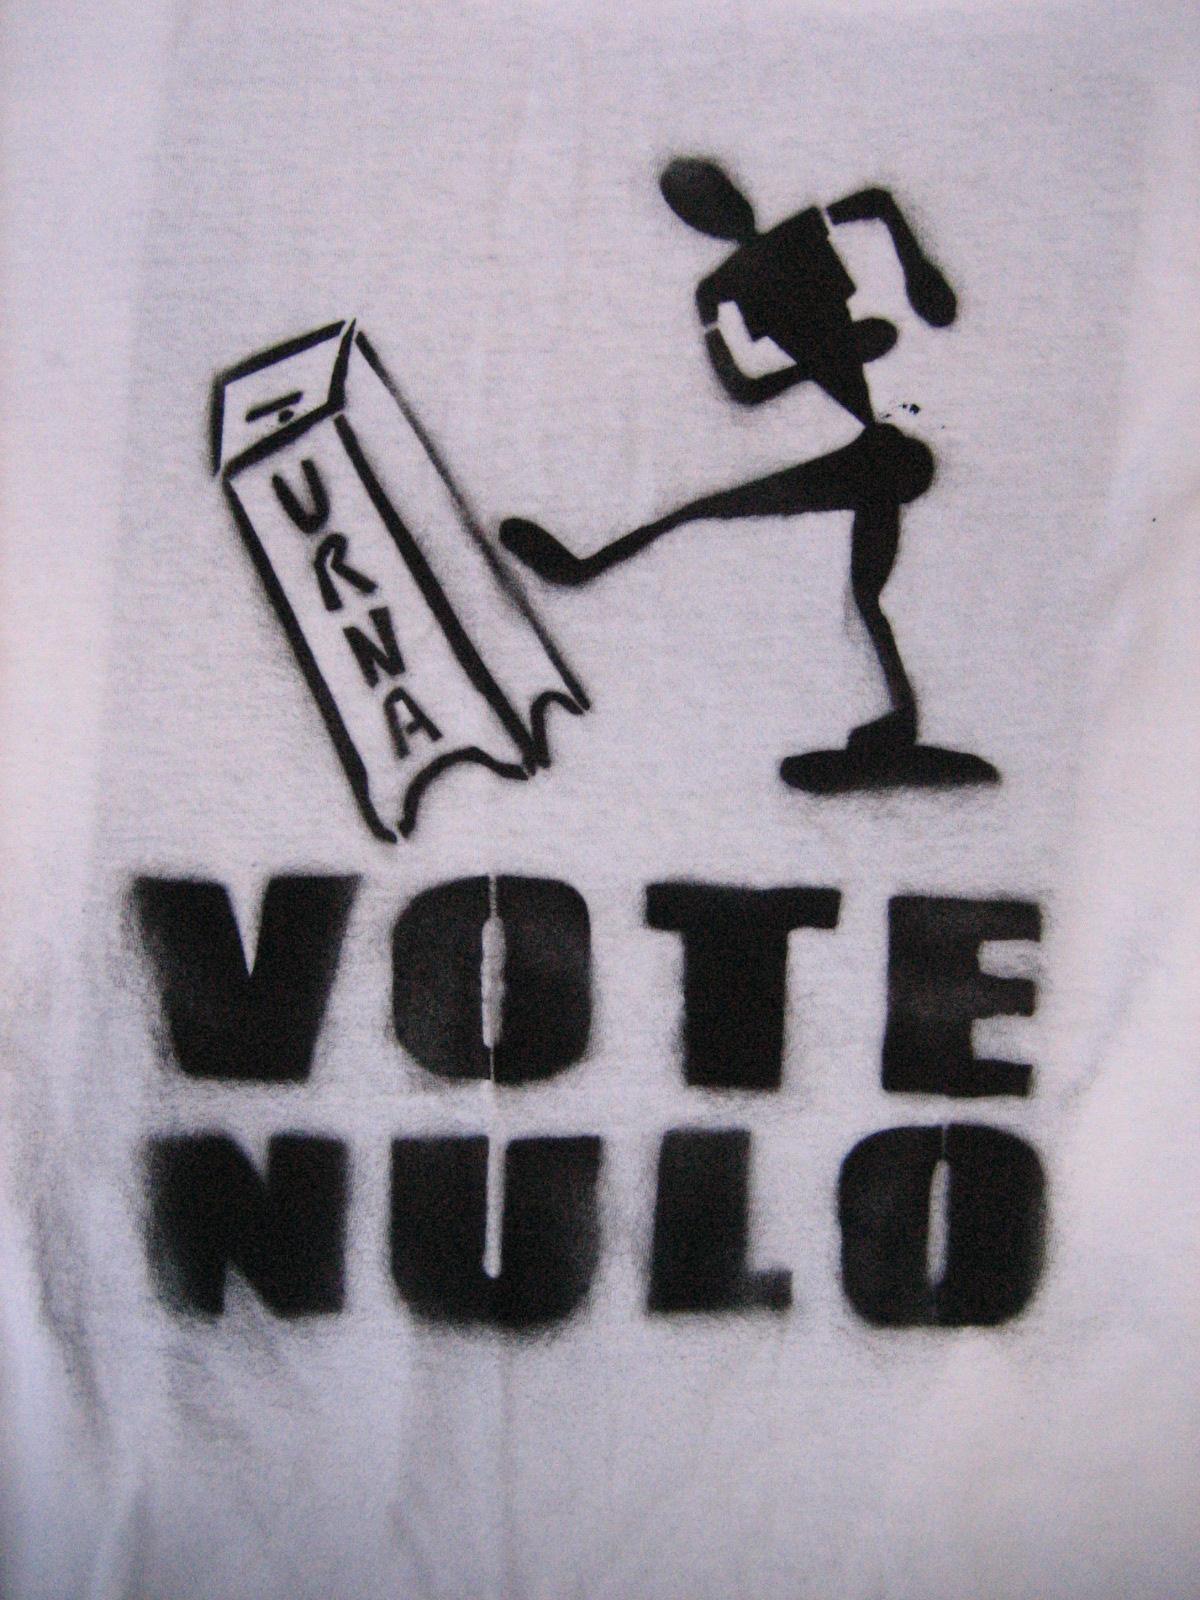 http://2.bp.blogspot.com/_iWV4UuQcn2g/SxXEa1MT-KI/AAAAAAAAO7M/W2VqSDPZWKw/s1600/voto-nulo.jpg